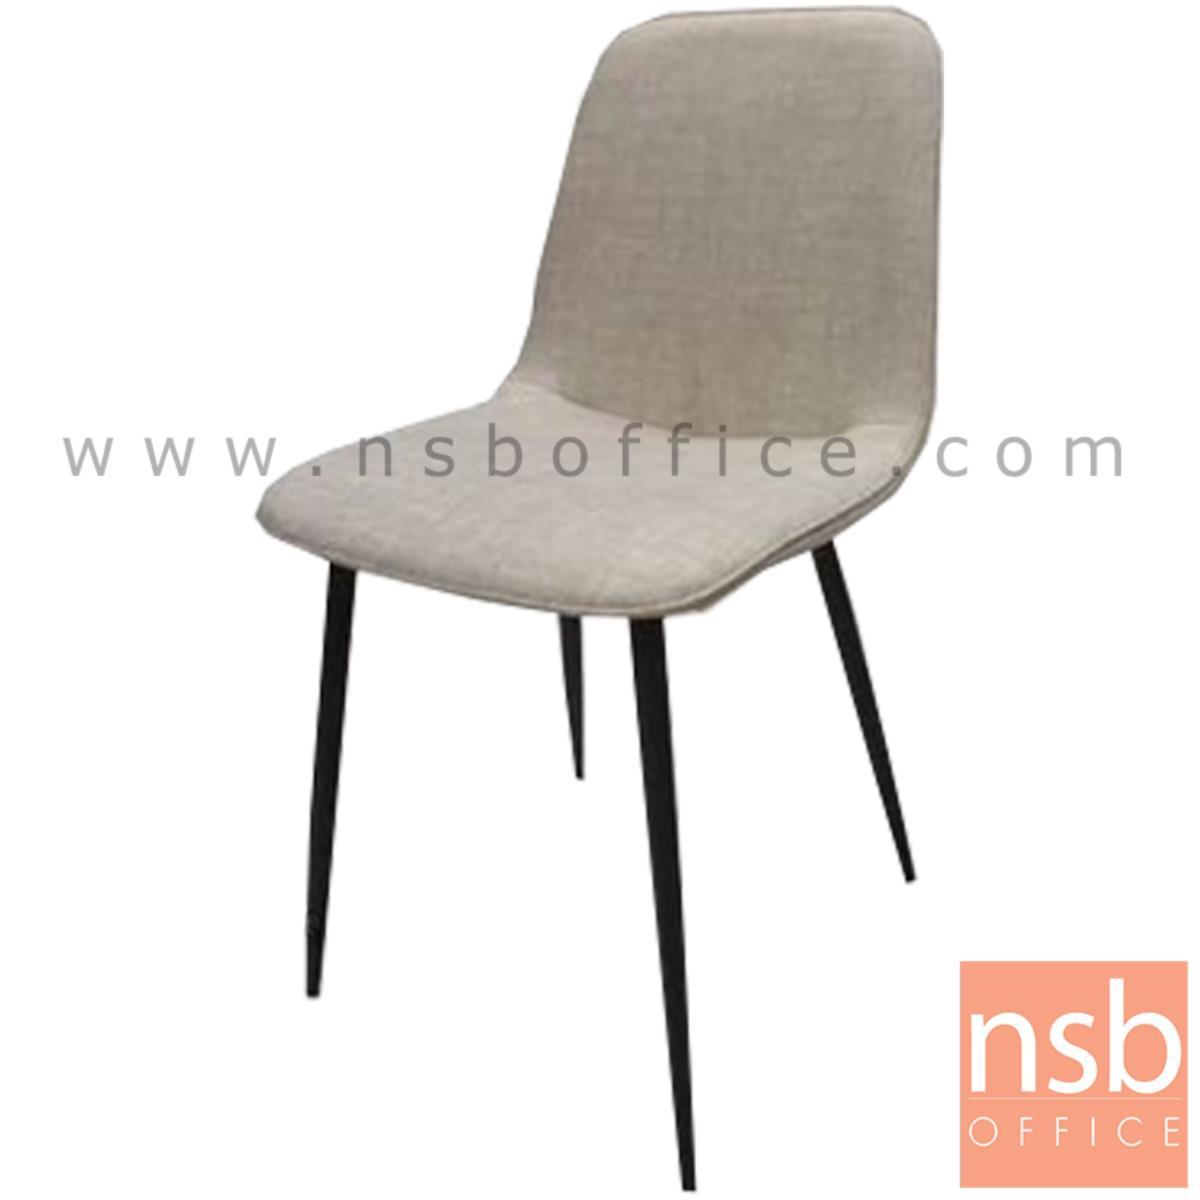 เก้าอี้อเนกประสงค์ รุ่น KITTEN (คิทเทน) ขนาด 45W cm. ขาเหล็ก